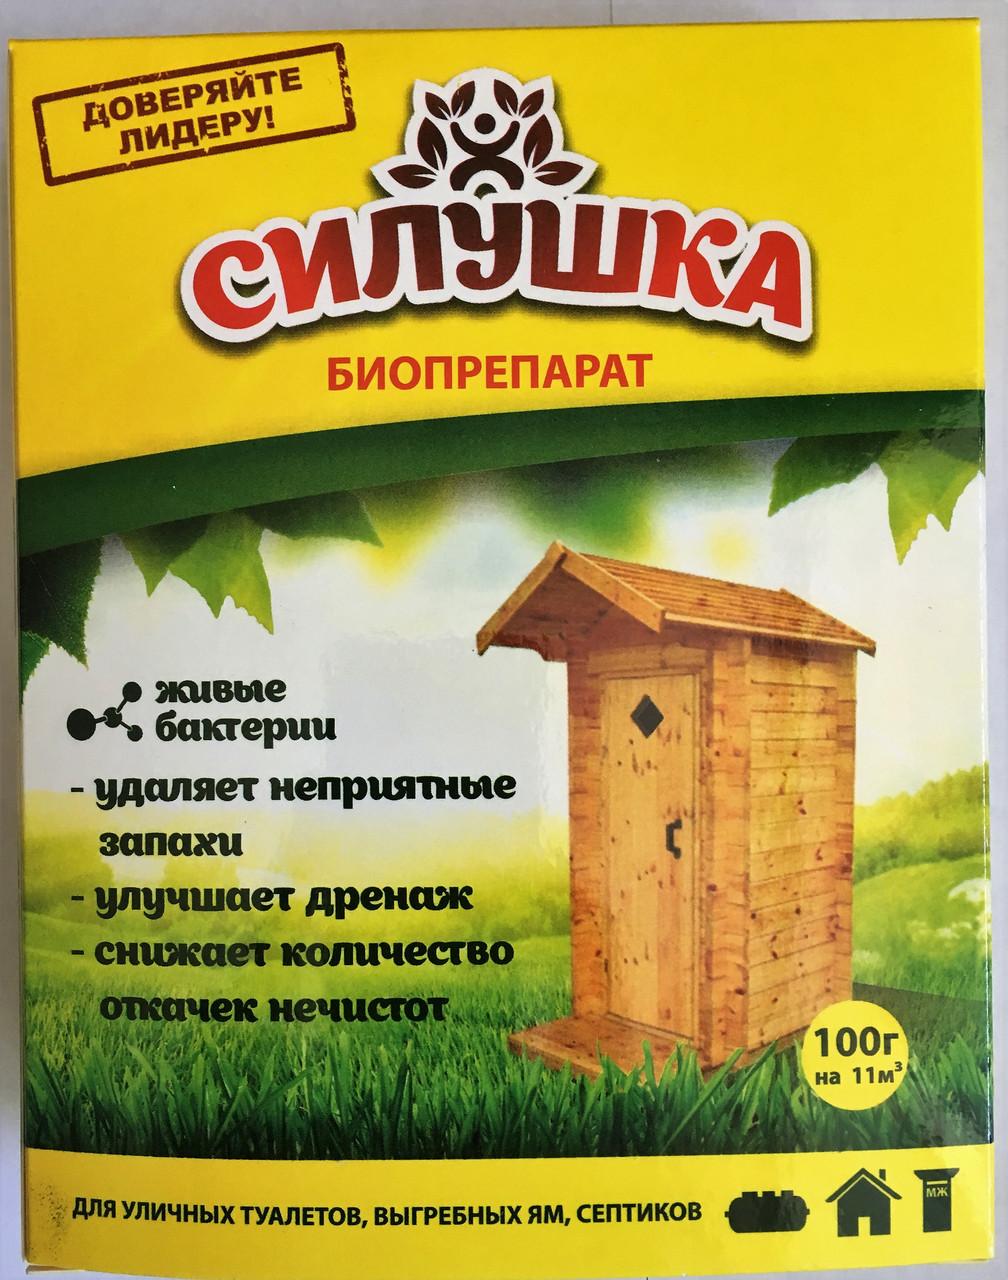 Биопрепарат Силушка,100 г — для уличных туалетов, выгребных ям и септиков